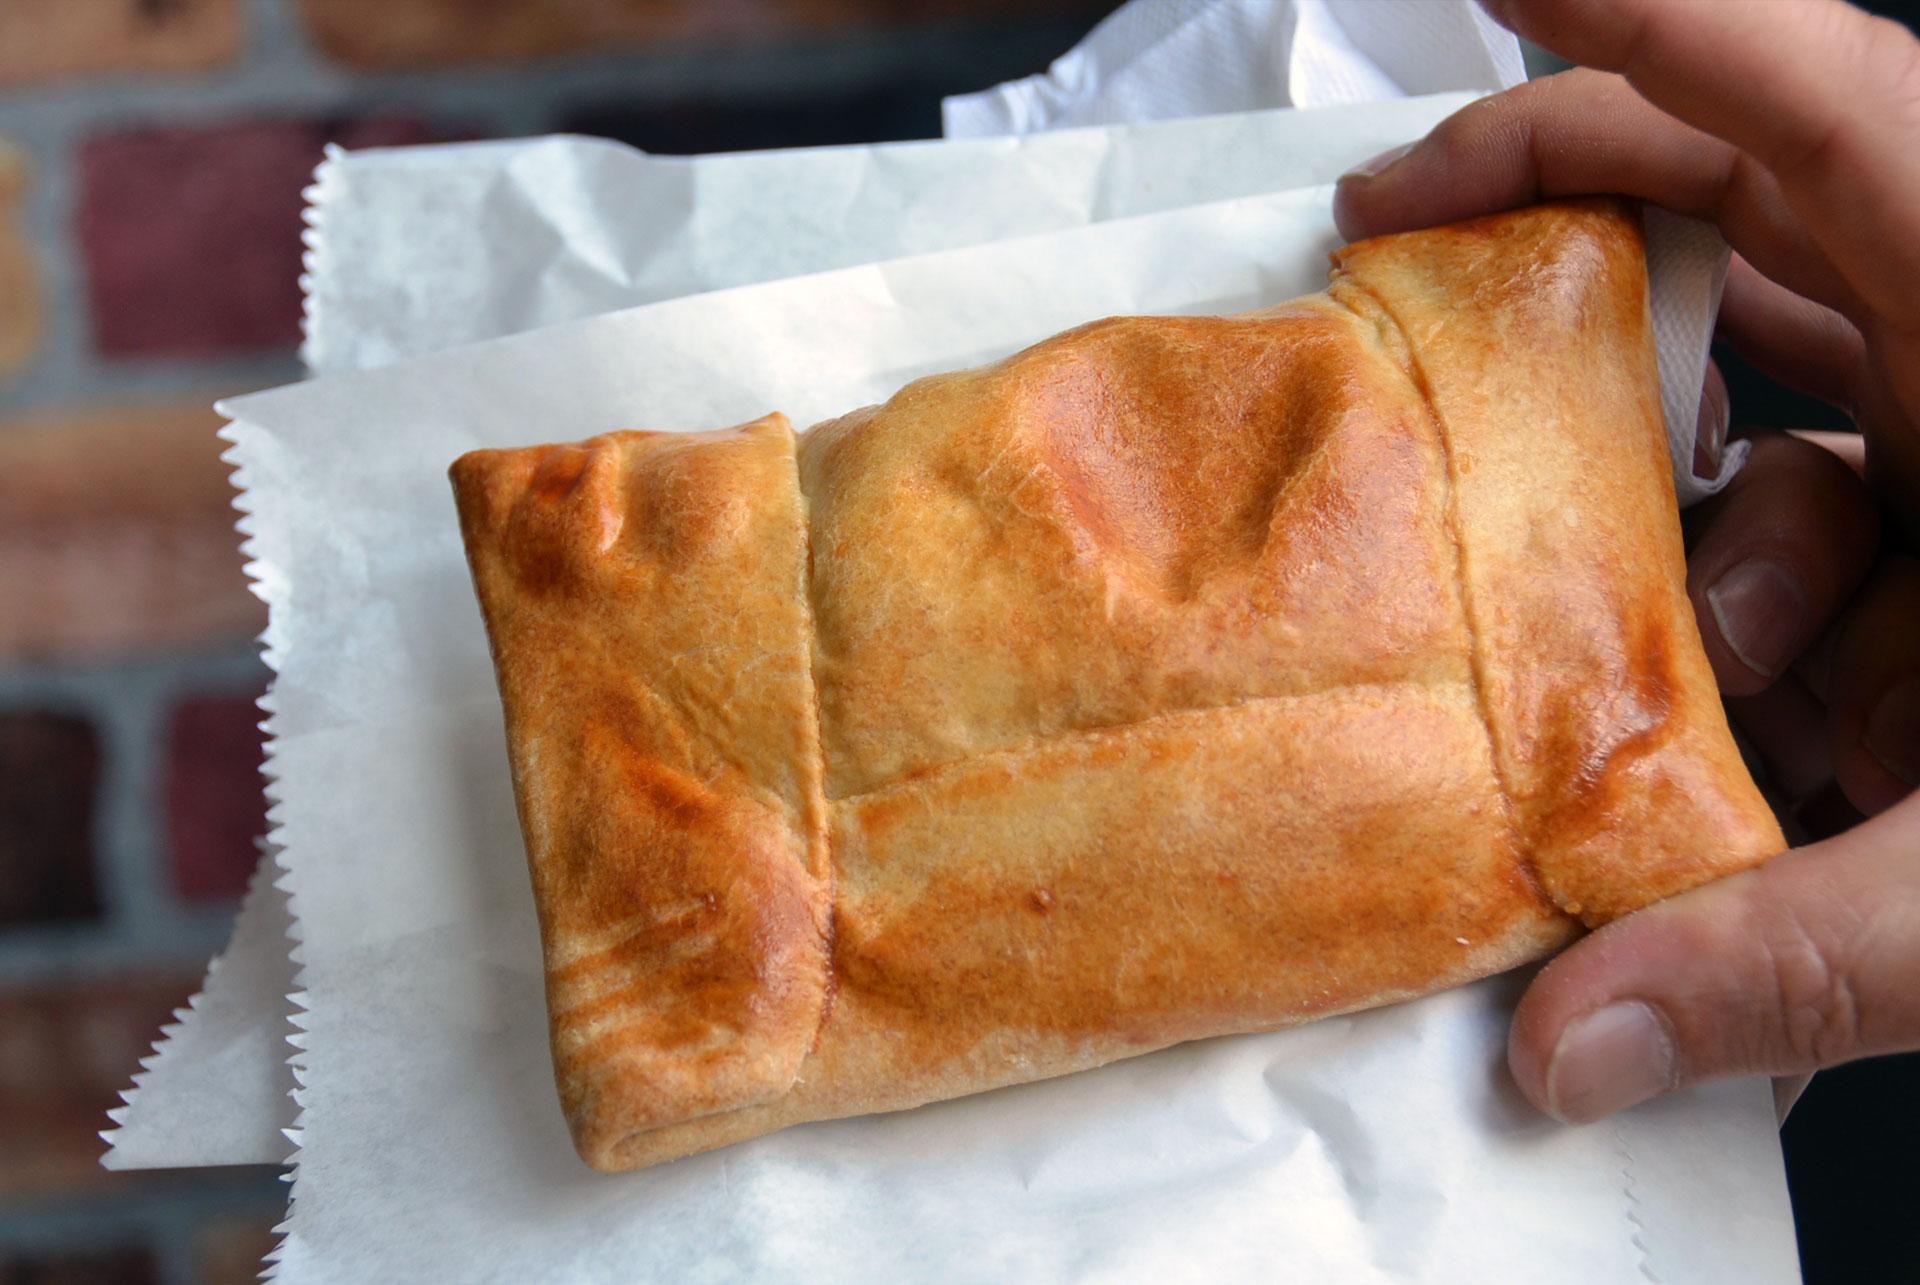 Chilenean empanada in Kensignton